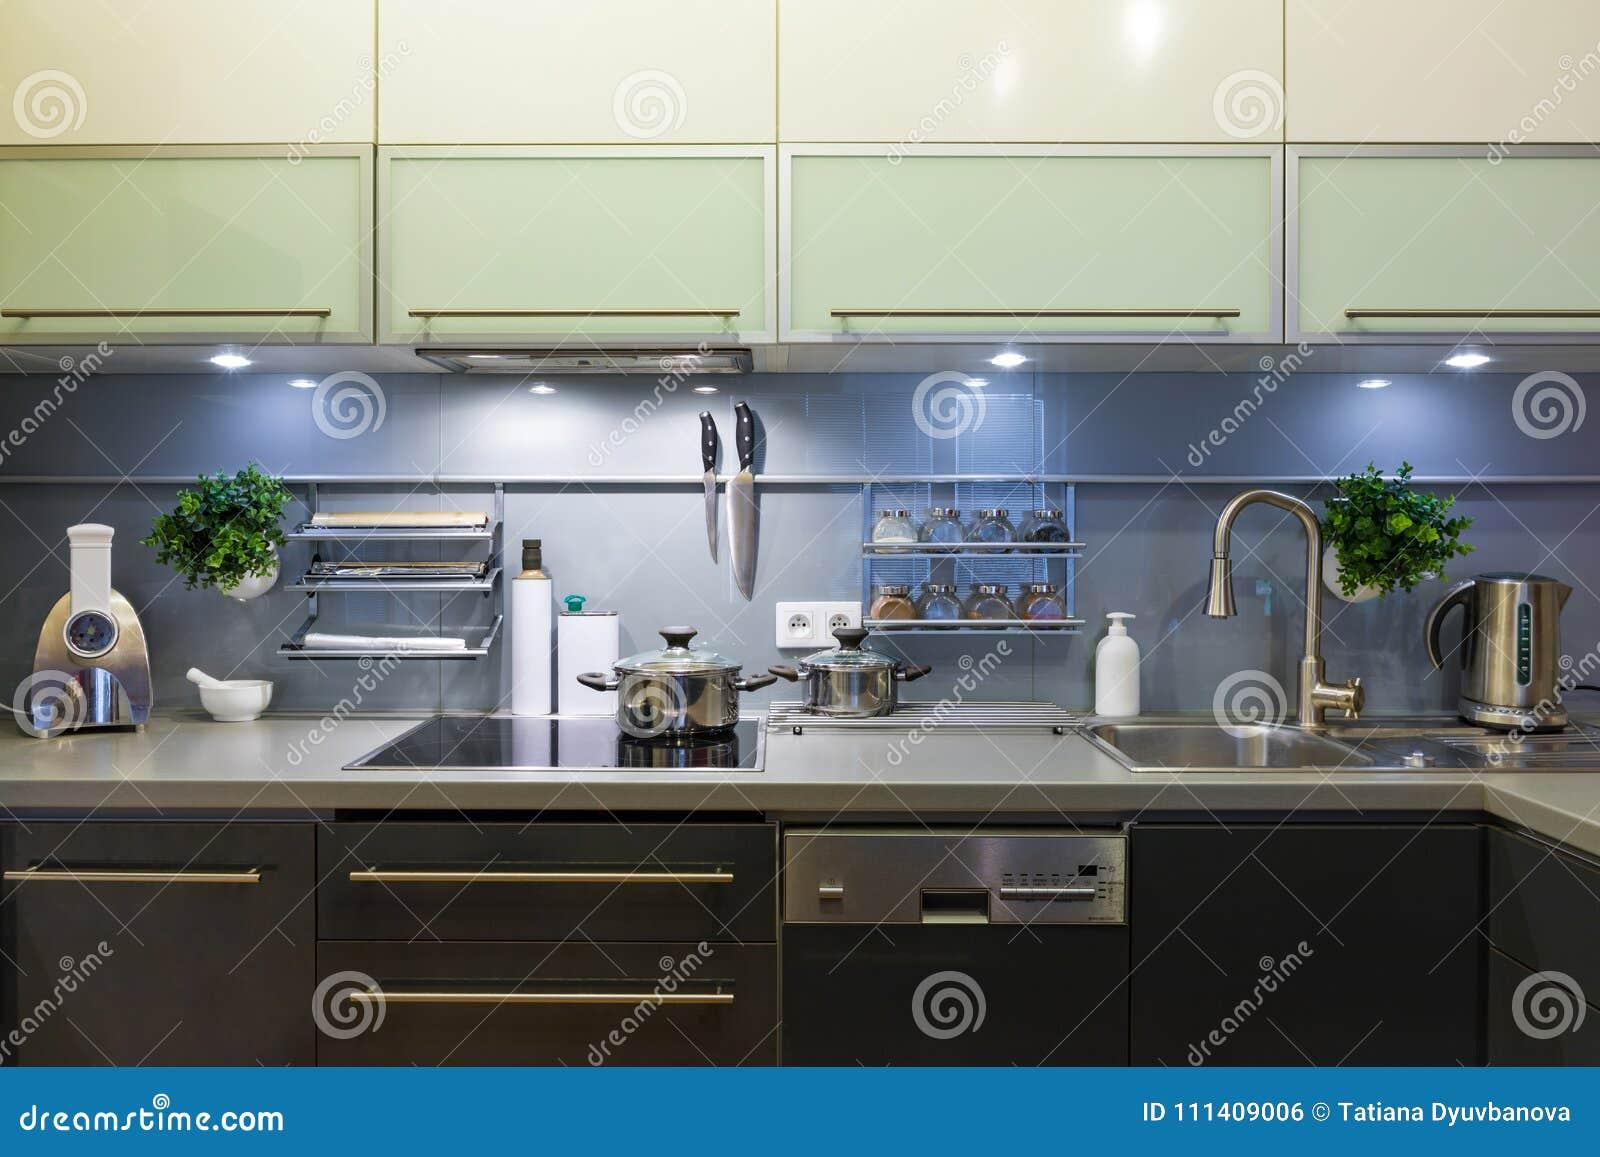 Cuisine Moderne à La Maison Avec La Vaisselle De Cuisine Photo stock ...